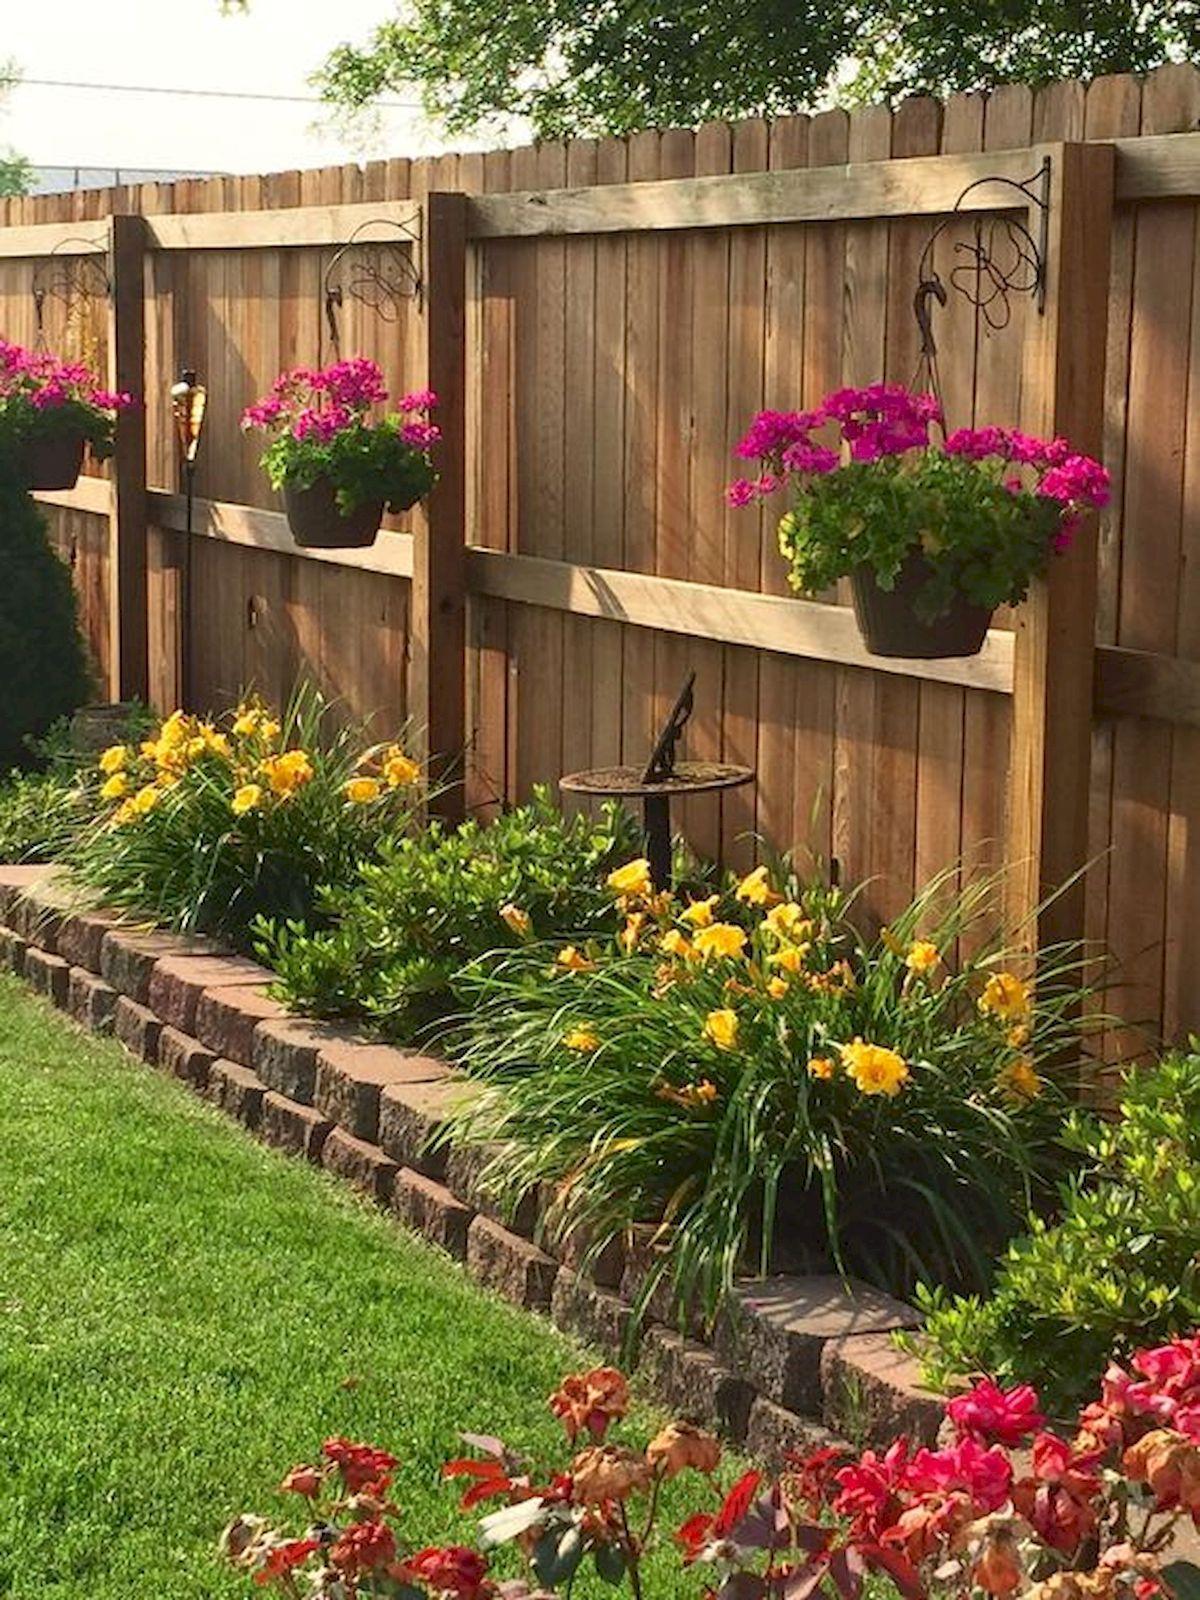 90 Lovely Backyard Garden Design Ideas For Summer -   21 garden design Wall awesome ideas